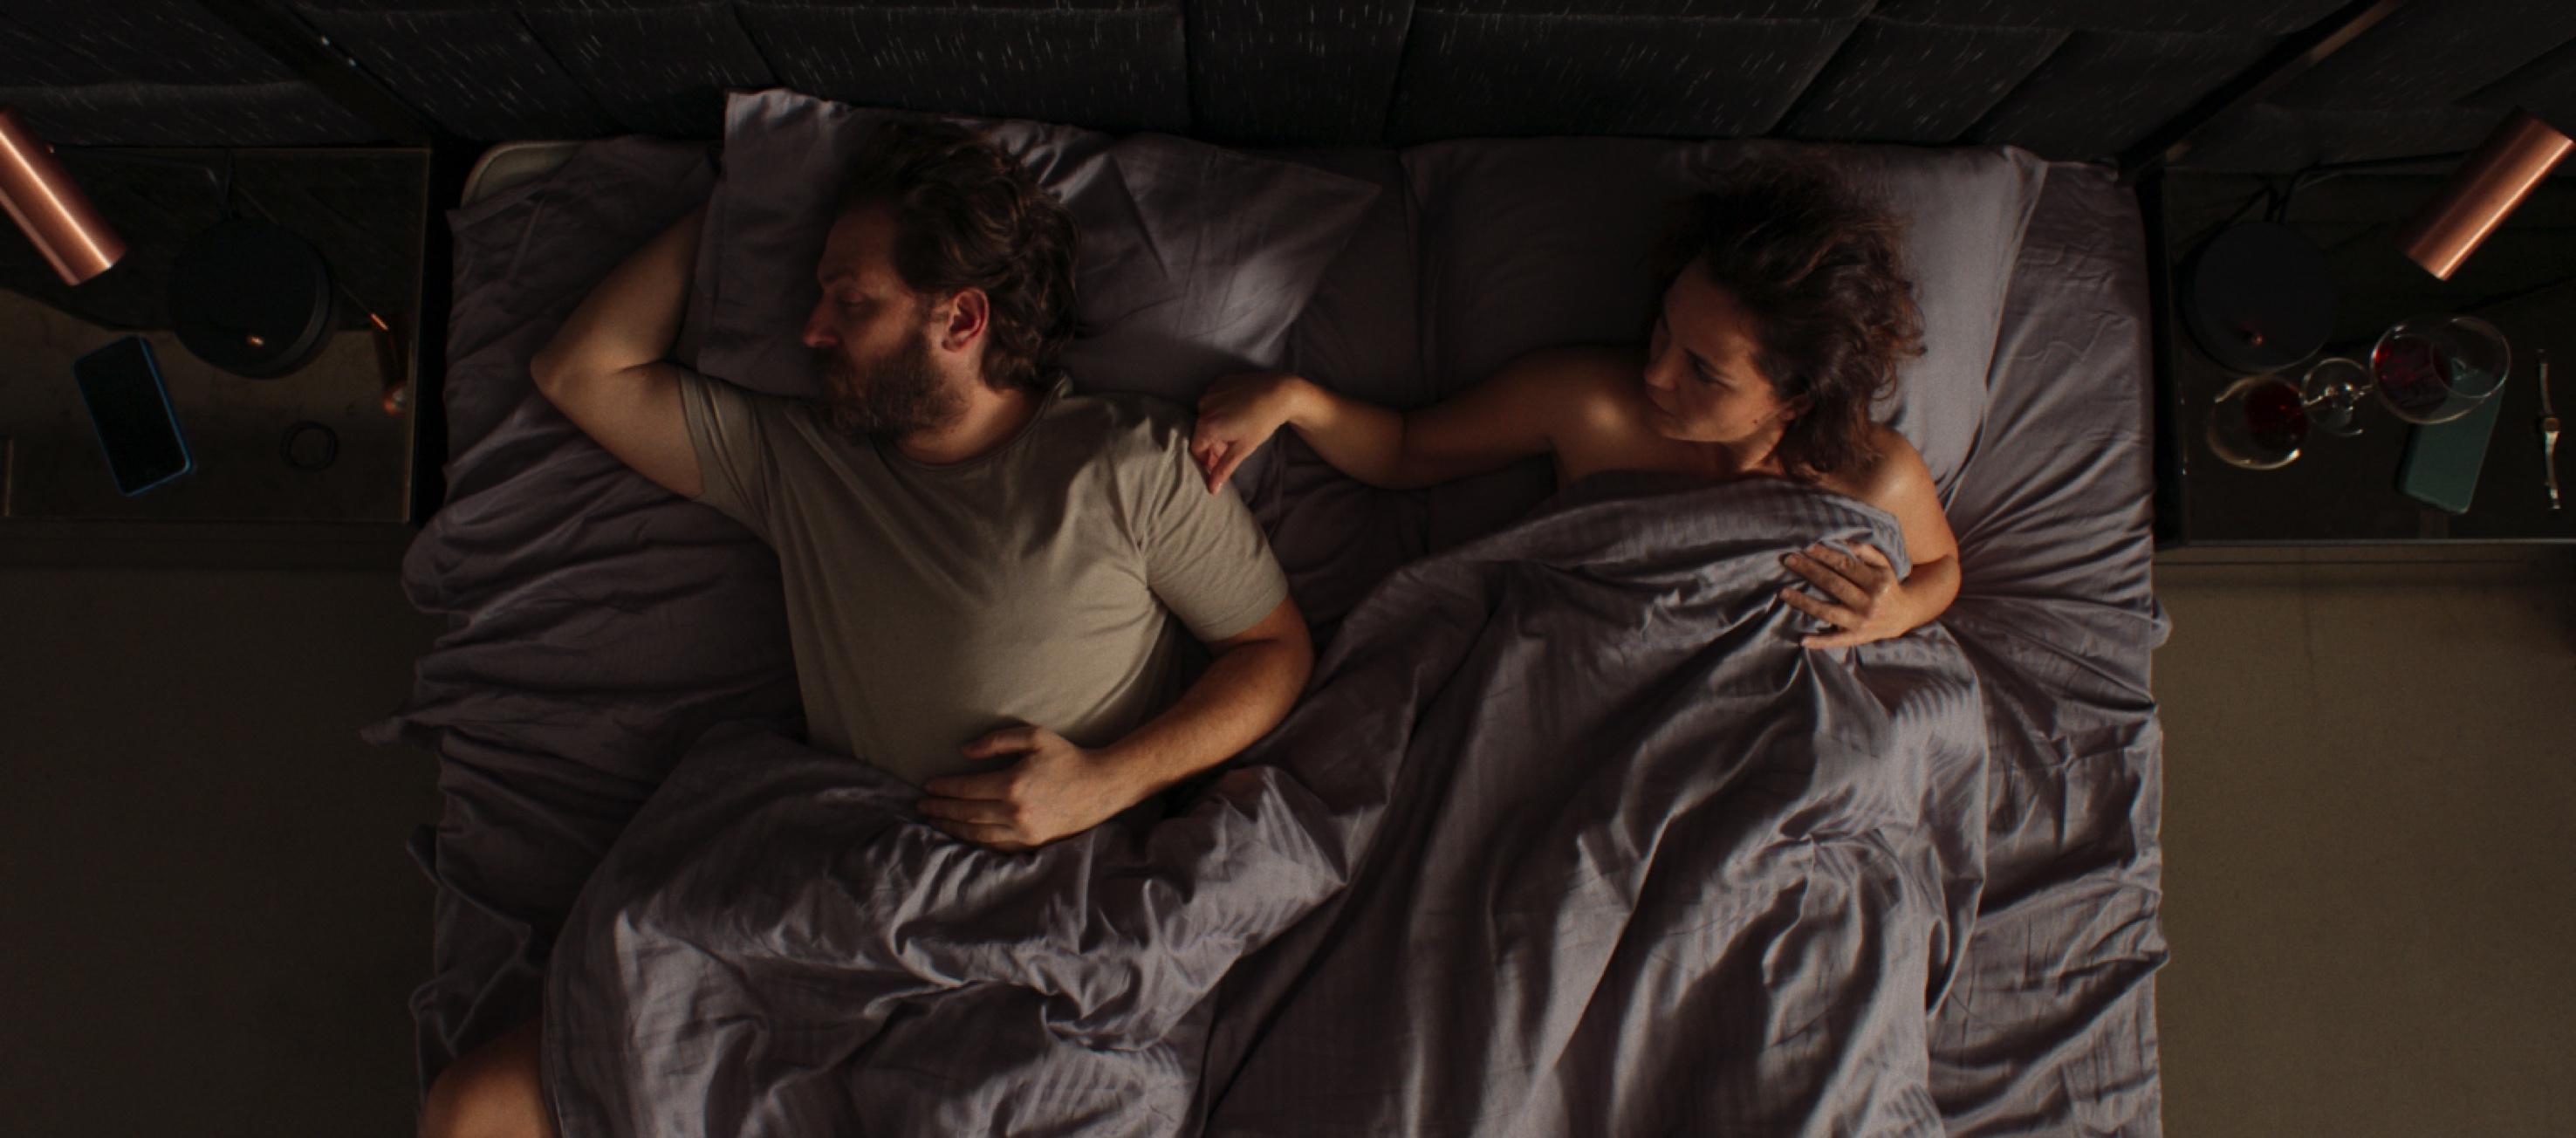 Sinan ve Gülbin üzerlerine gri bir battaniye çekilmiş bir yatakta yatıyor.